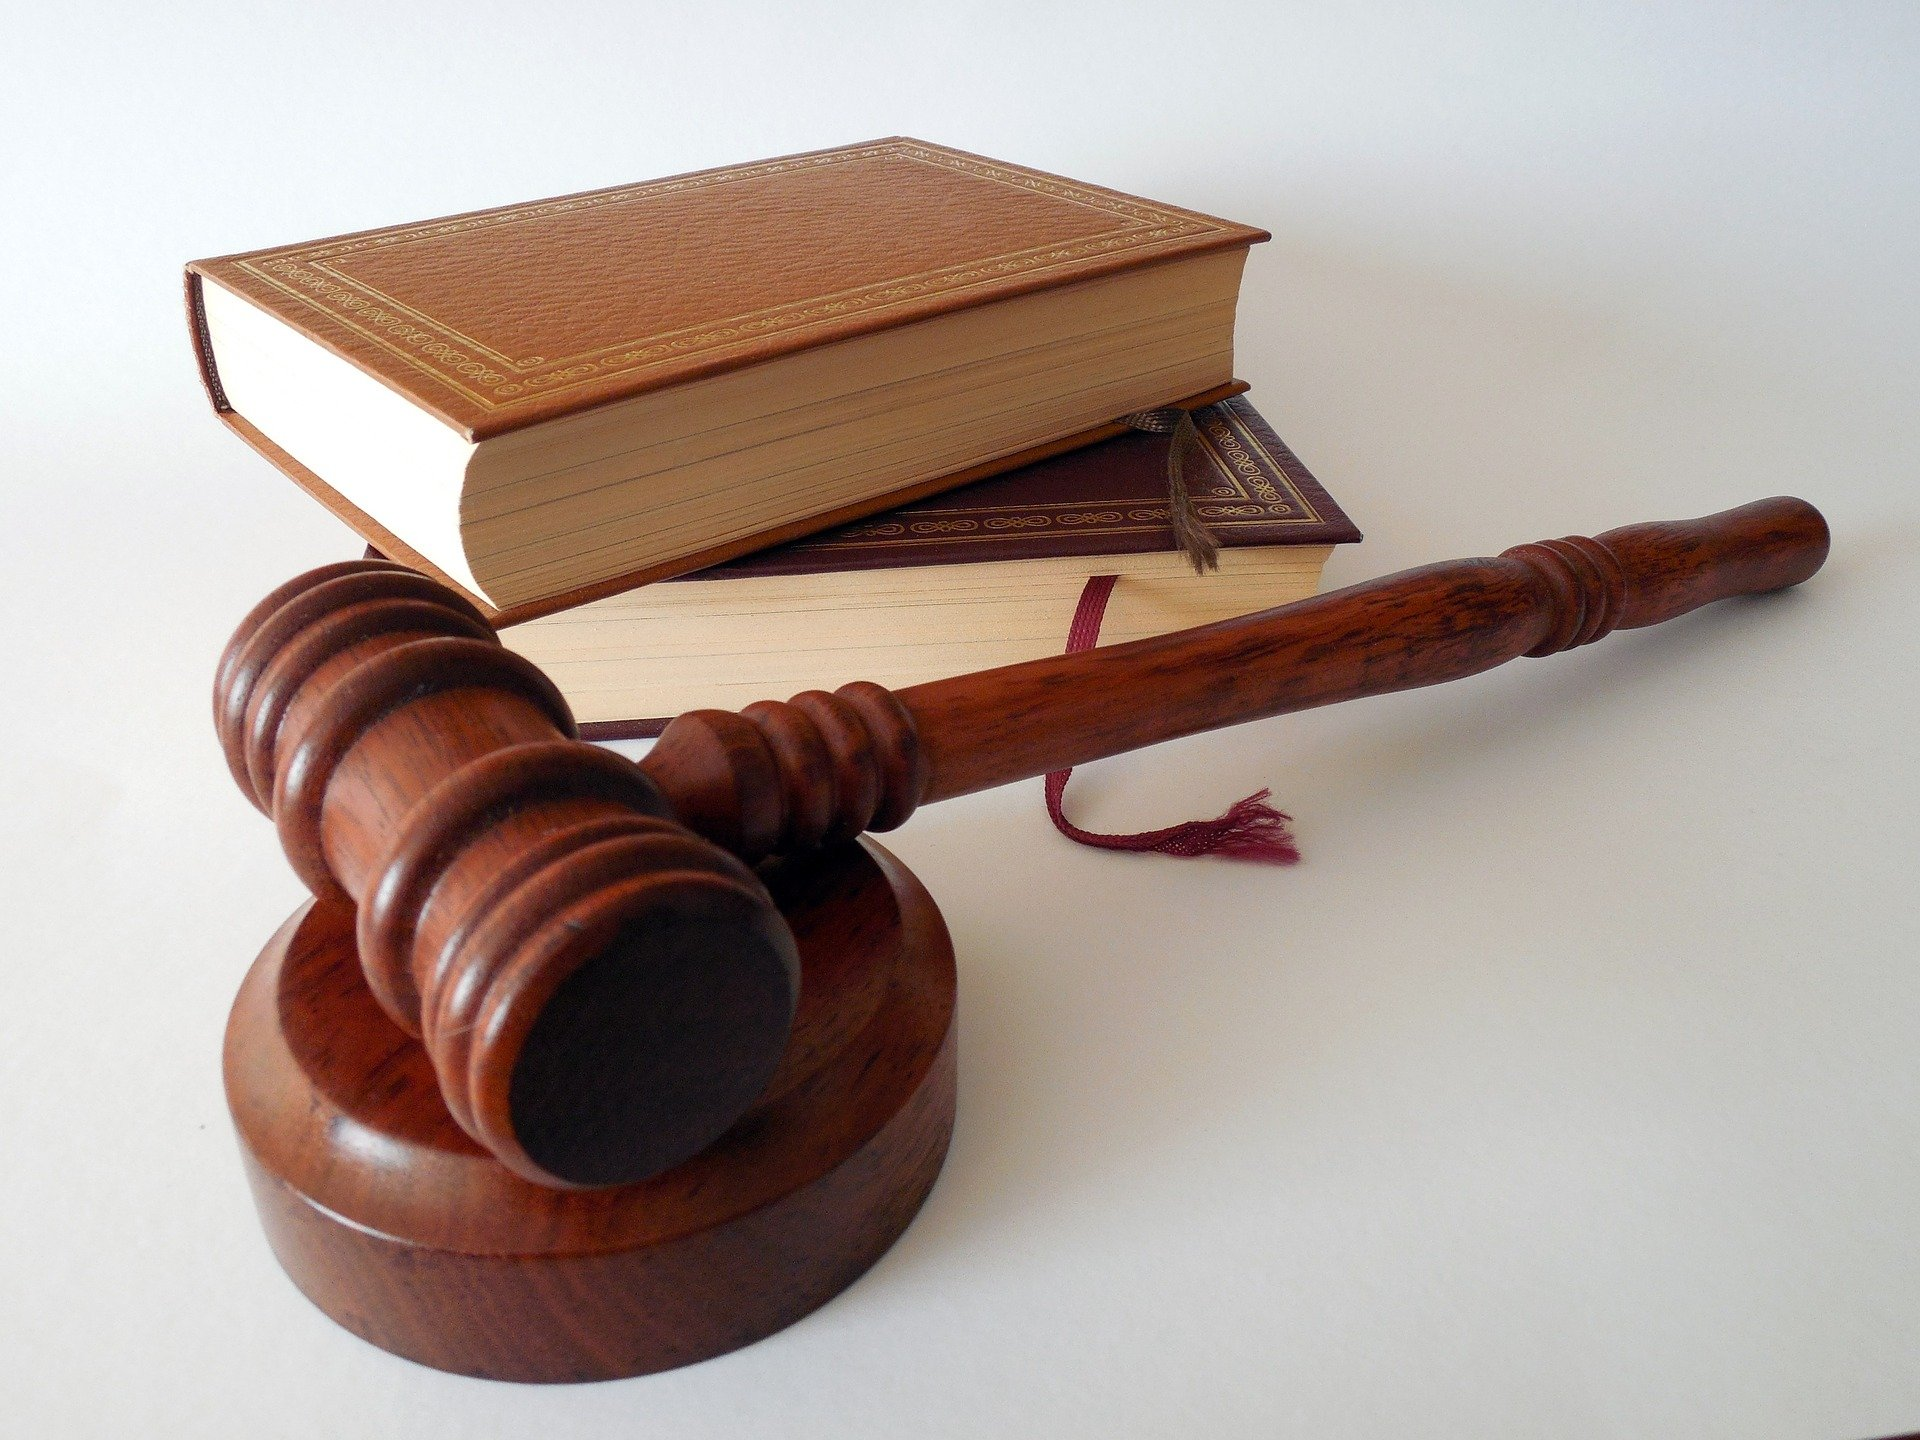 Jak zawierać bezpieczne umowy? 3 ważne porady